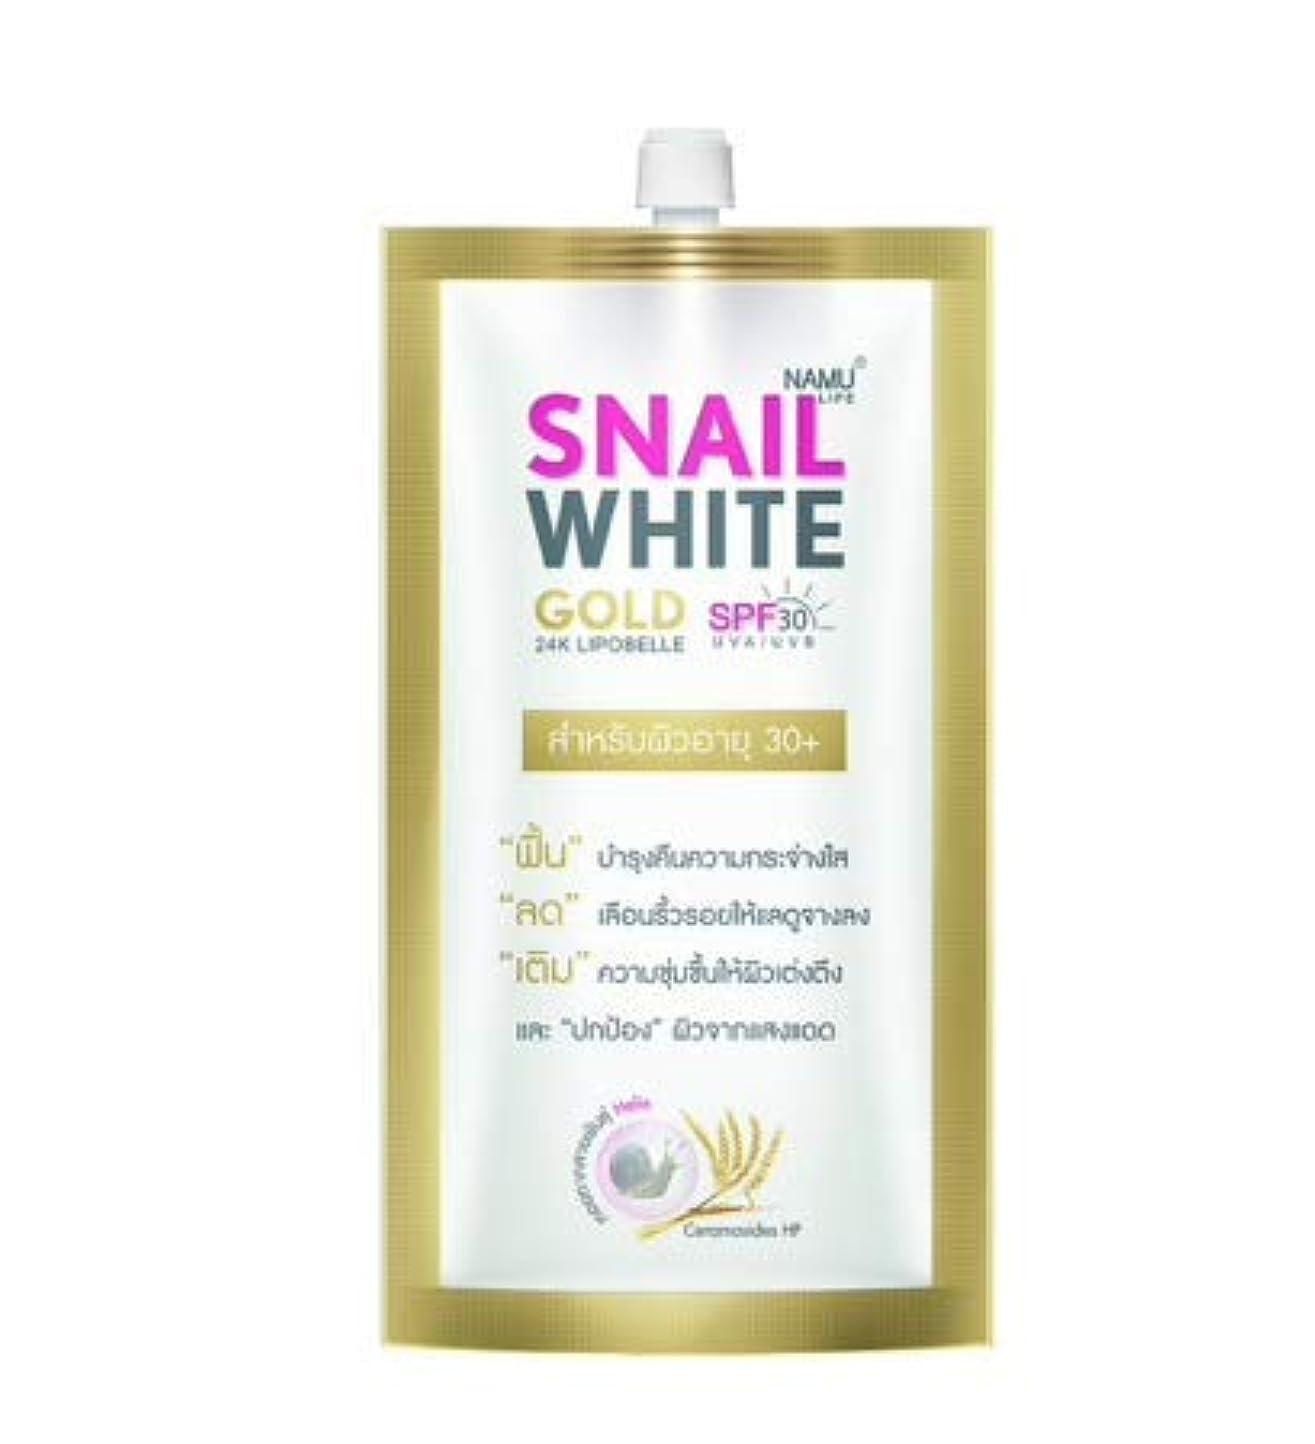 制限されたステップ中にSnail White Gold SPF 30 / PA +++ Size 7 ml.